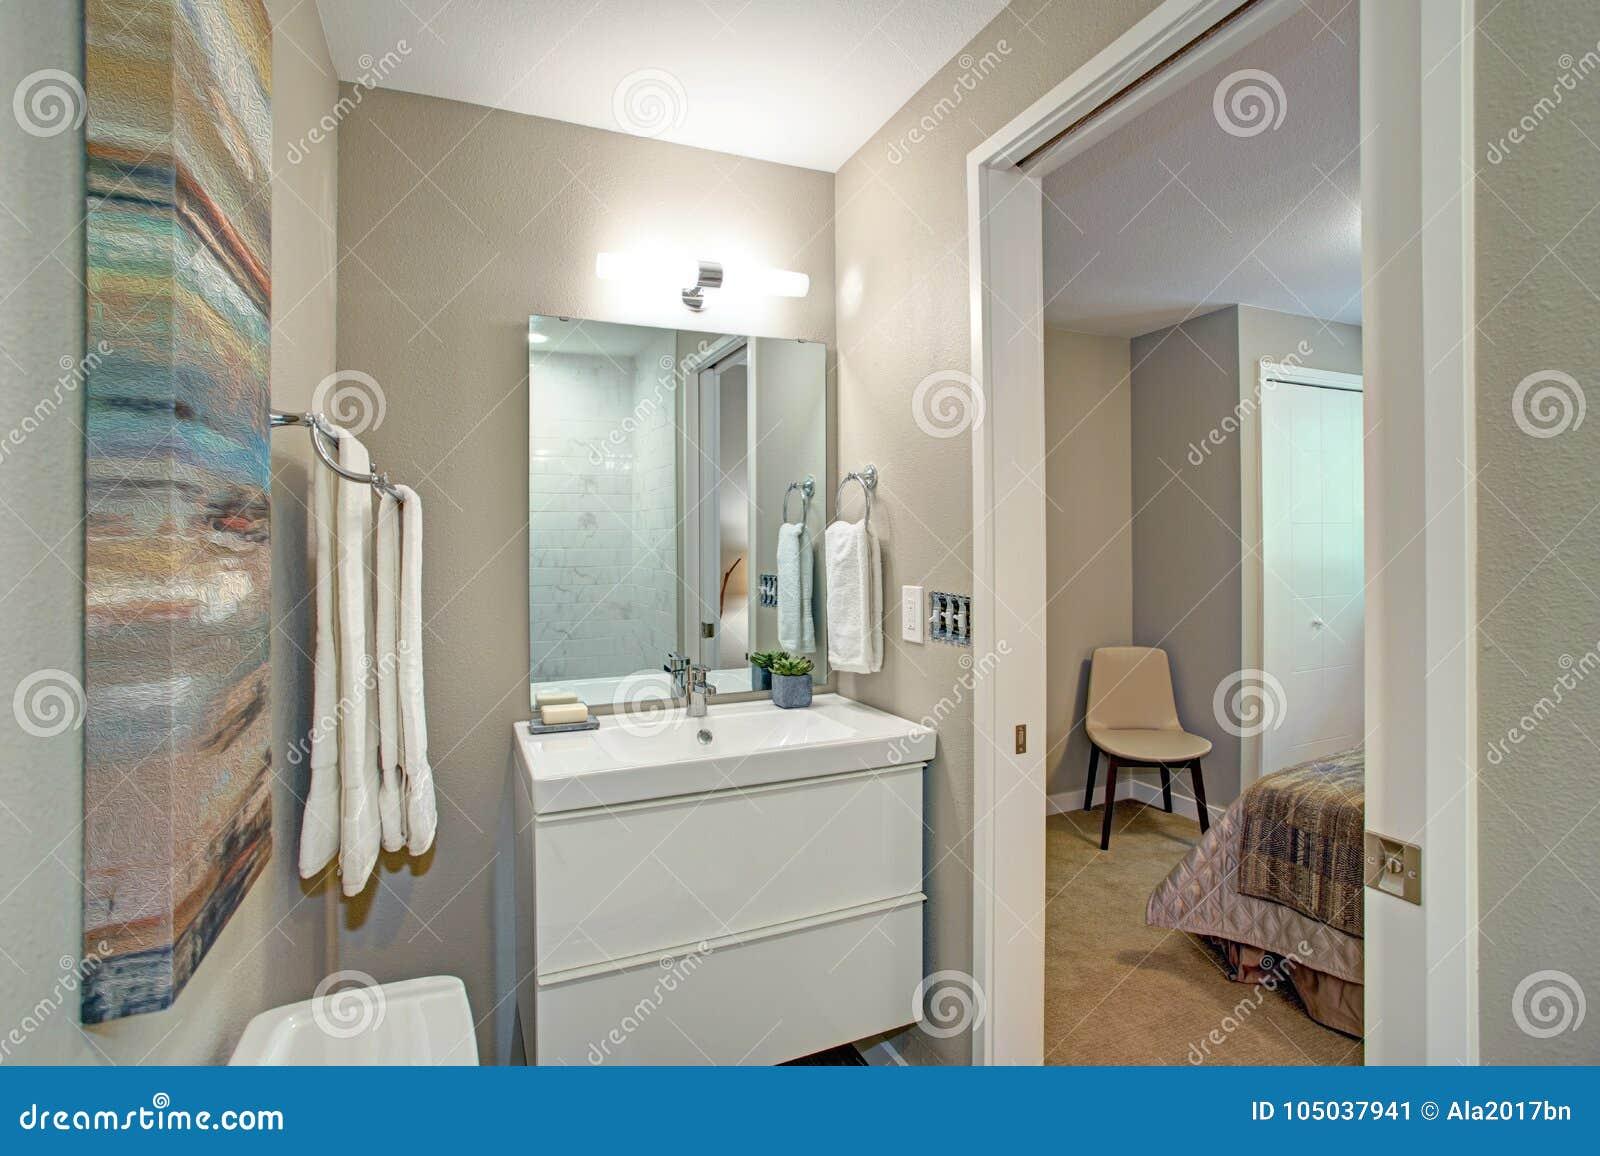 Salle de bains d Ensuite avec la vanité de salle de bains et une toilette